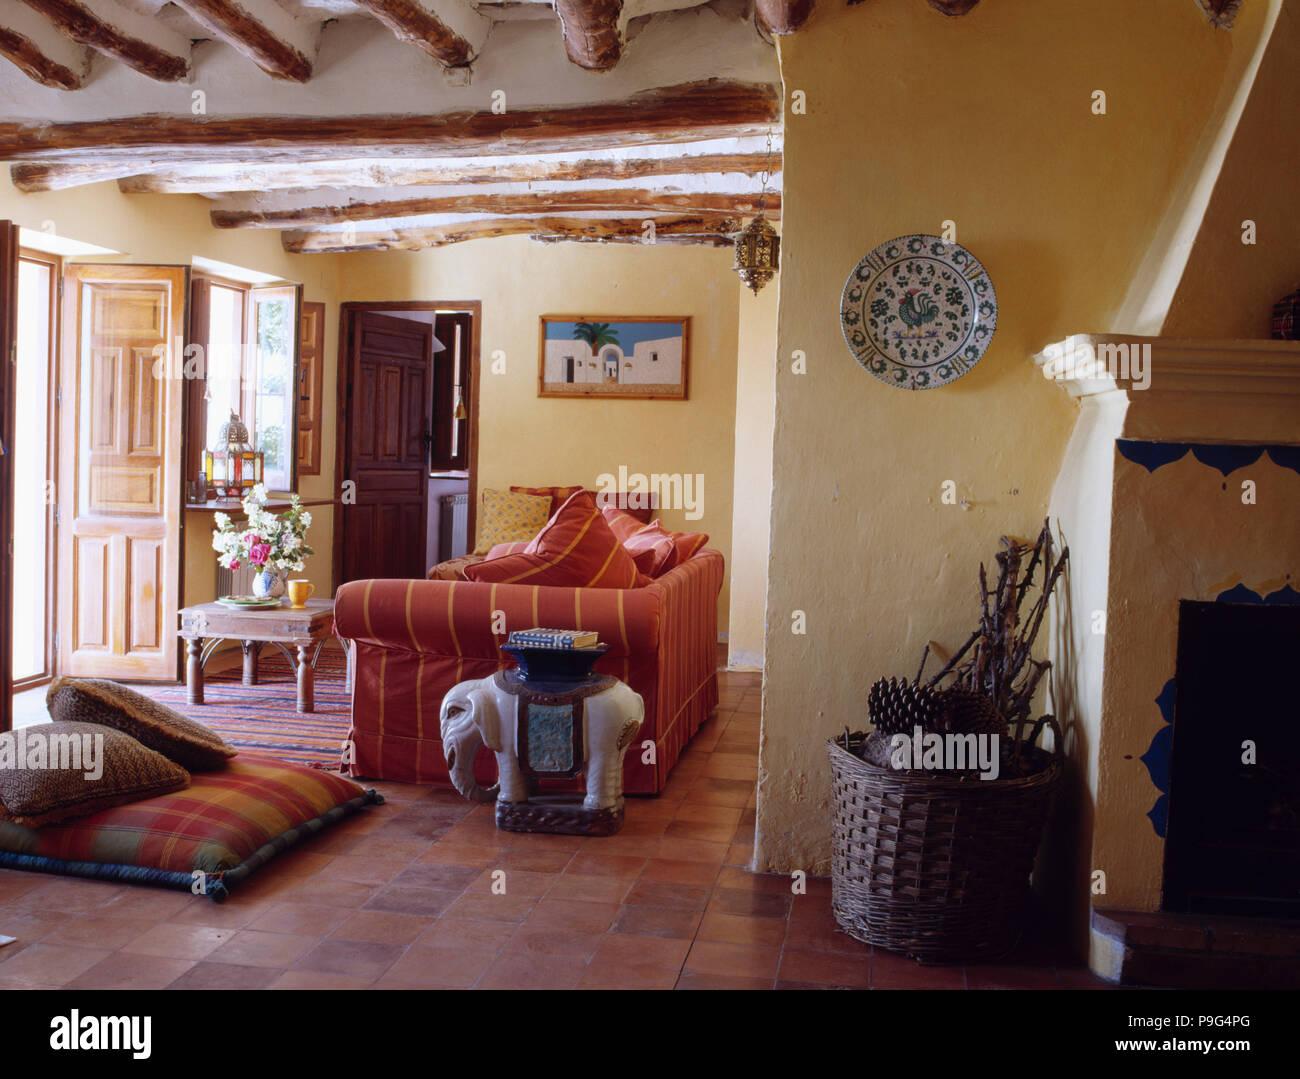 Stock Kissen Und Roten Sofa In Spanisch Land Wohnzimmer Mit Keramik